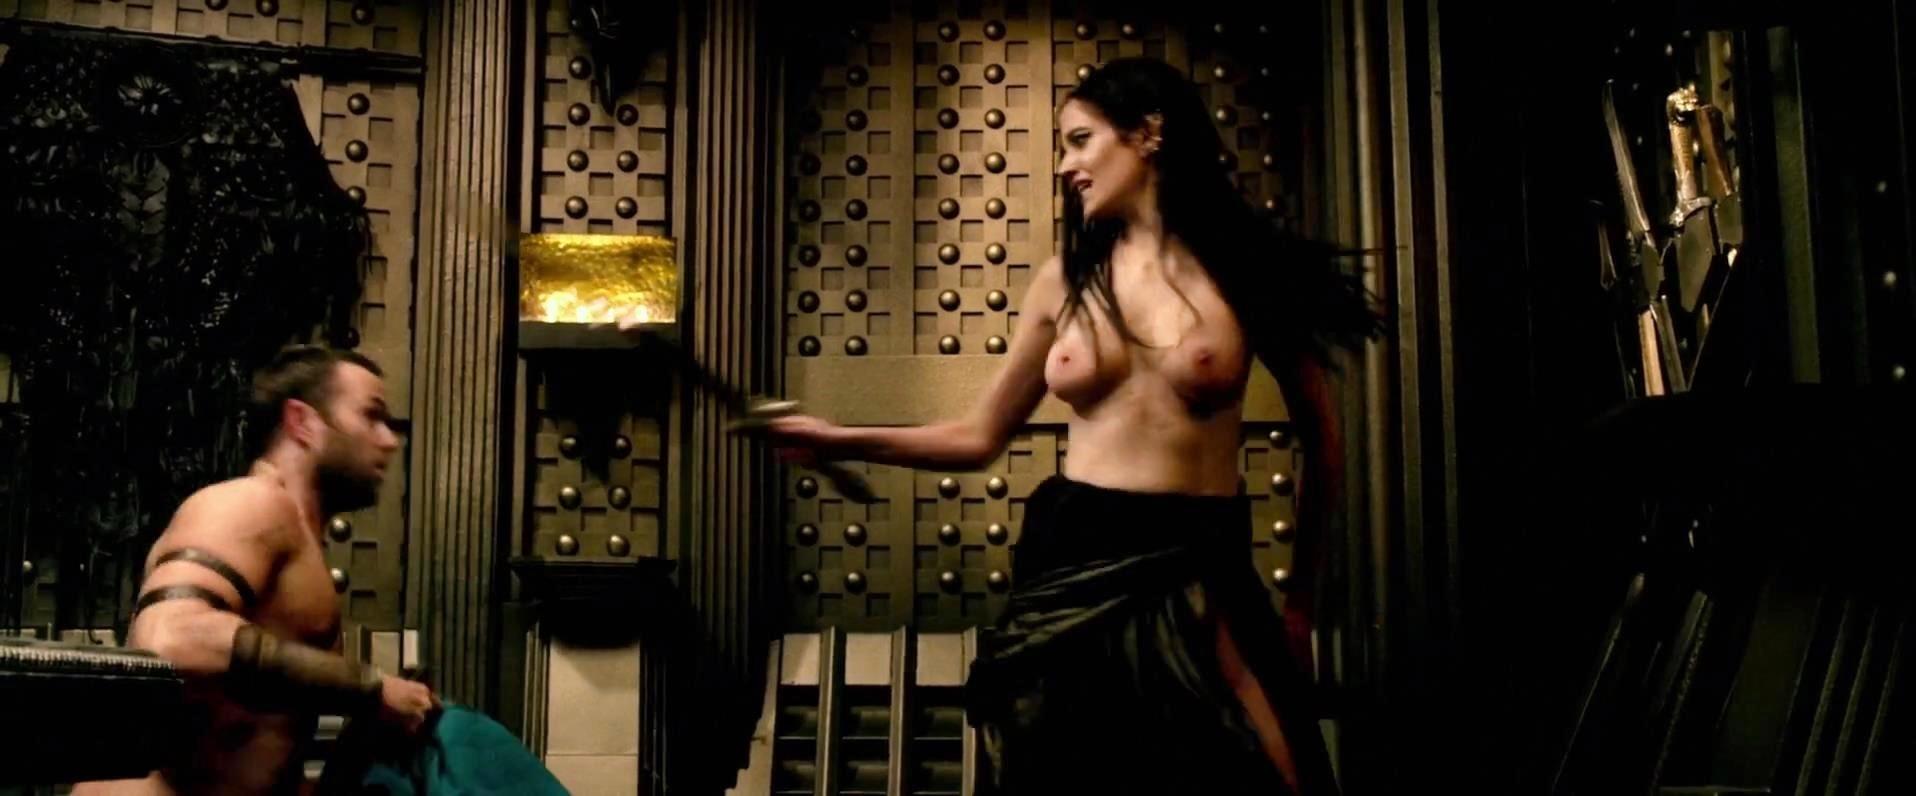 Спартанец 300 порно, 300 спартанцев - порно фильм - НеХуХа. НеТ 4 фотография